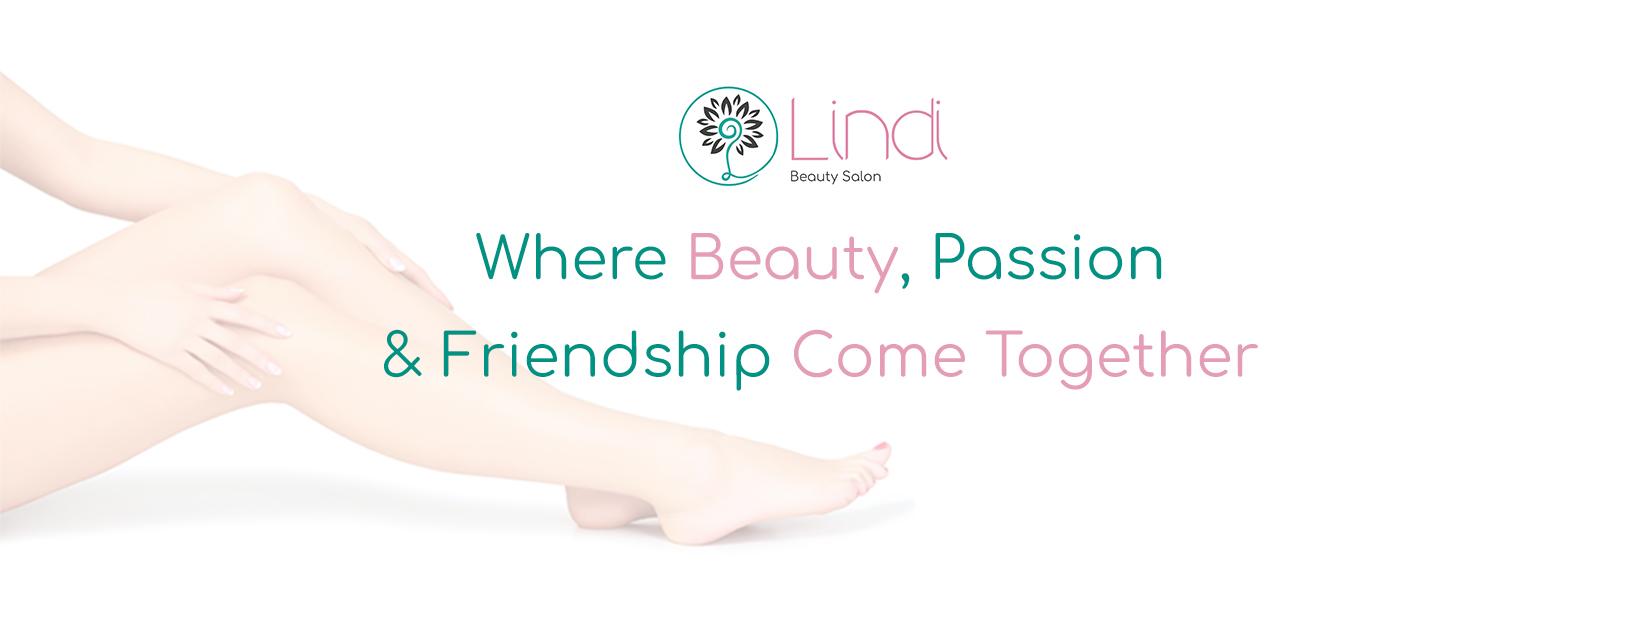 Lindi Beauty Salon In Lynnwood Glen Pretoria